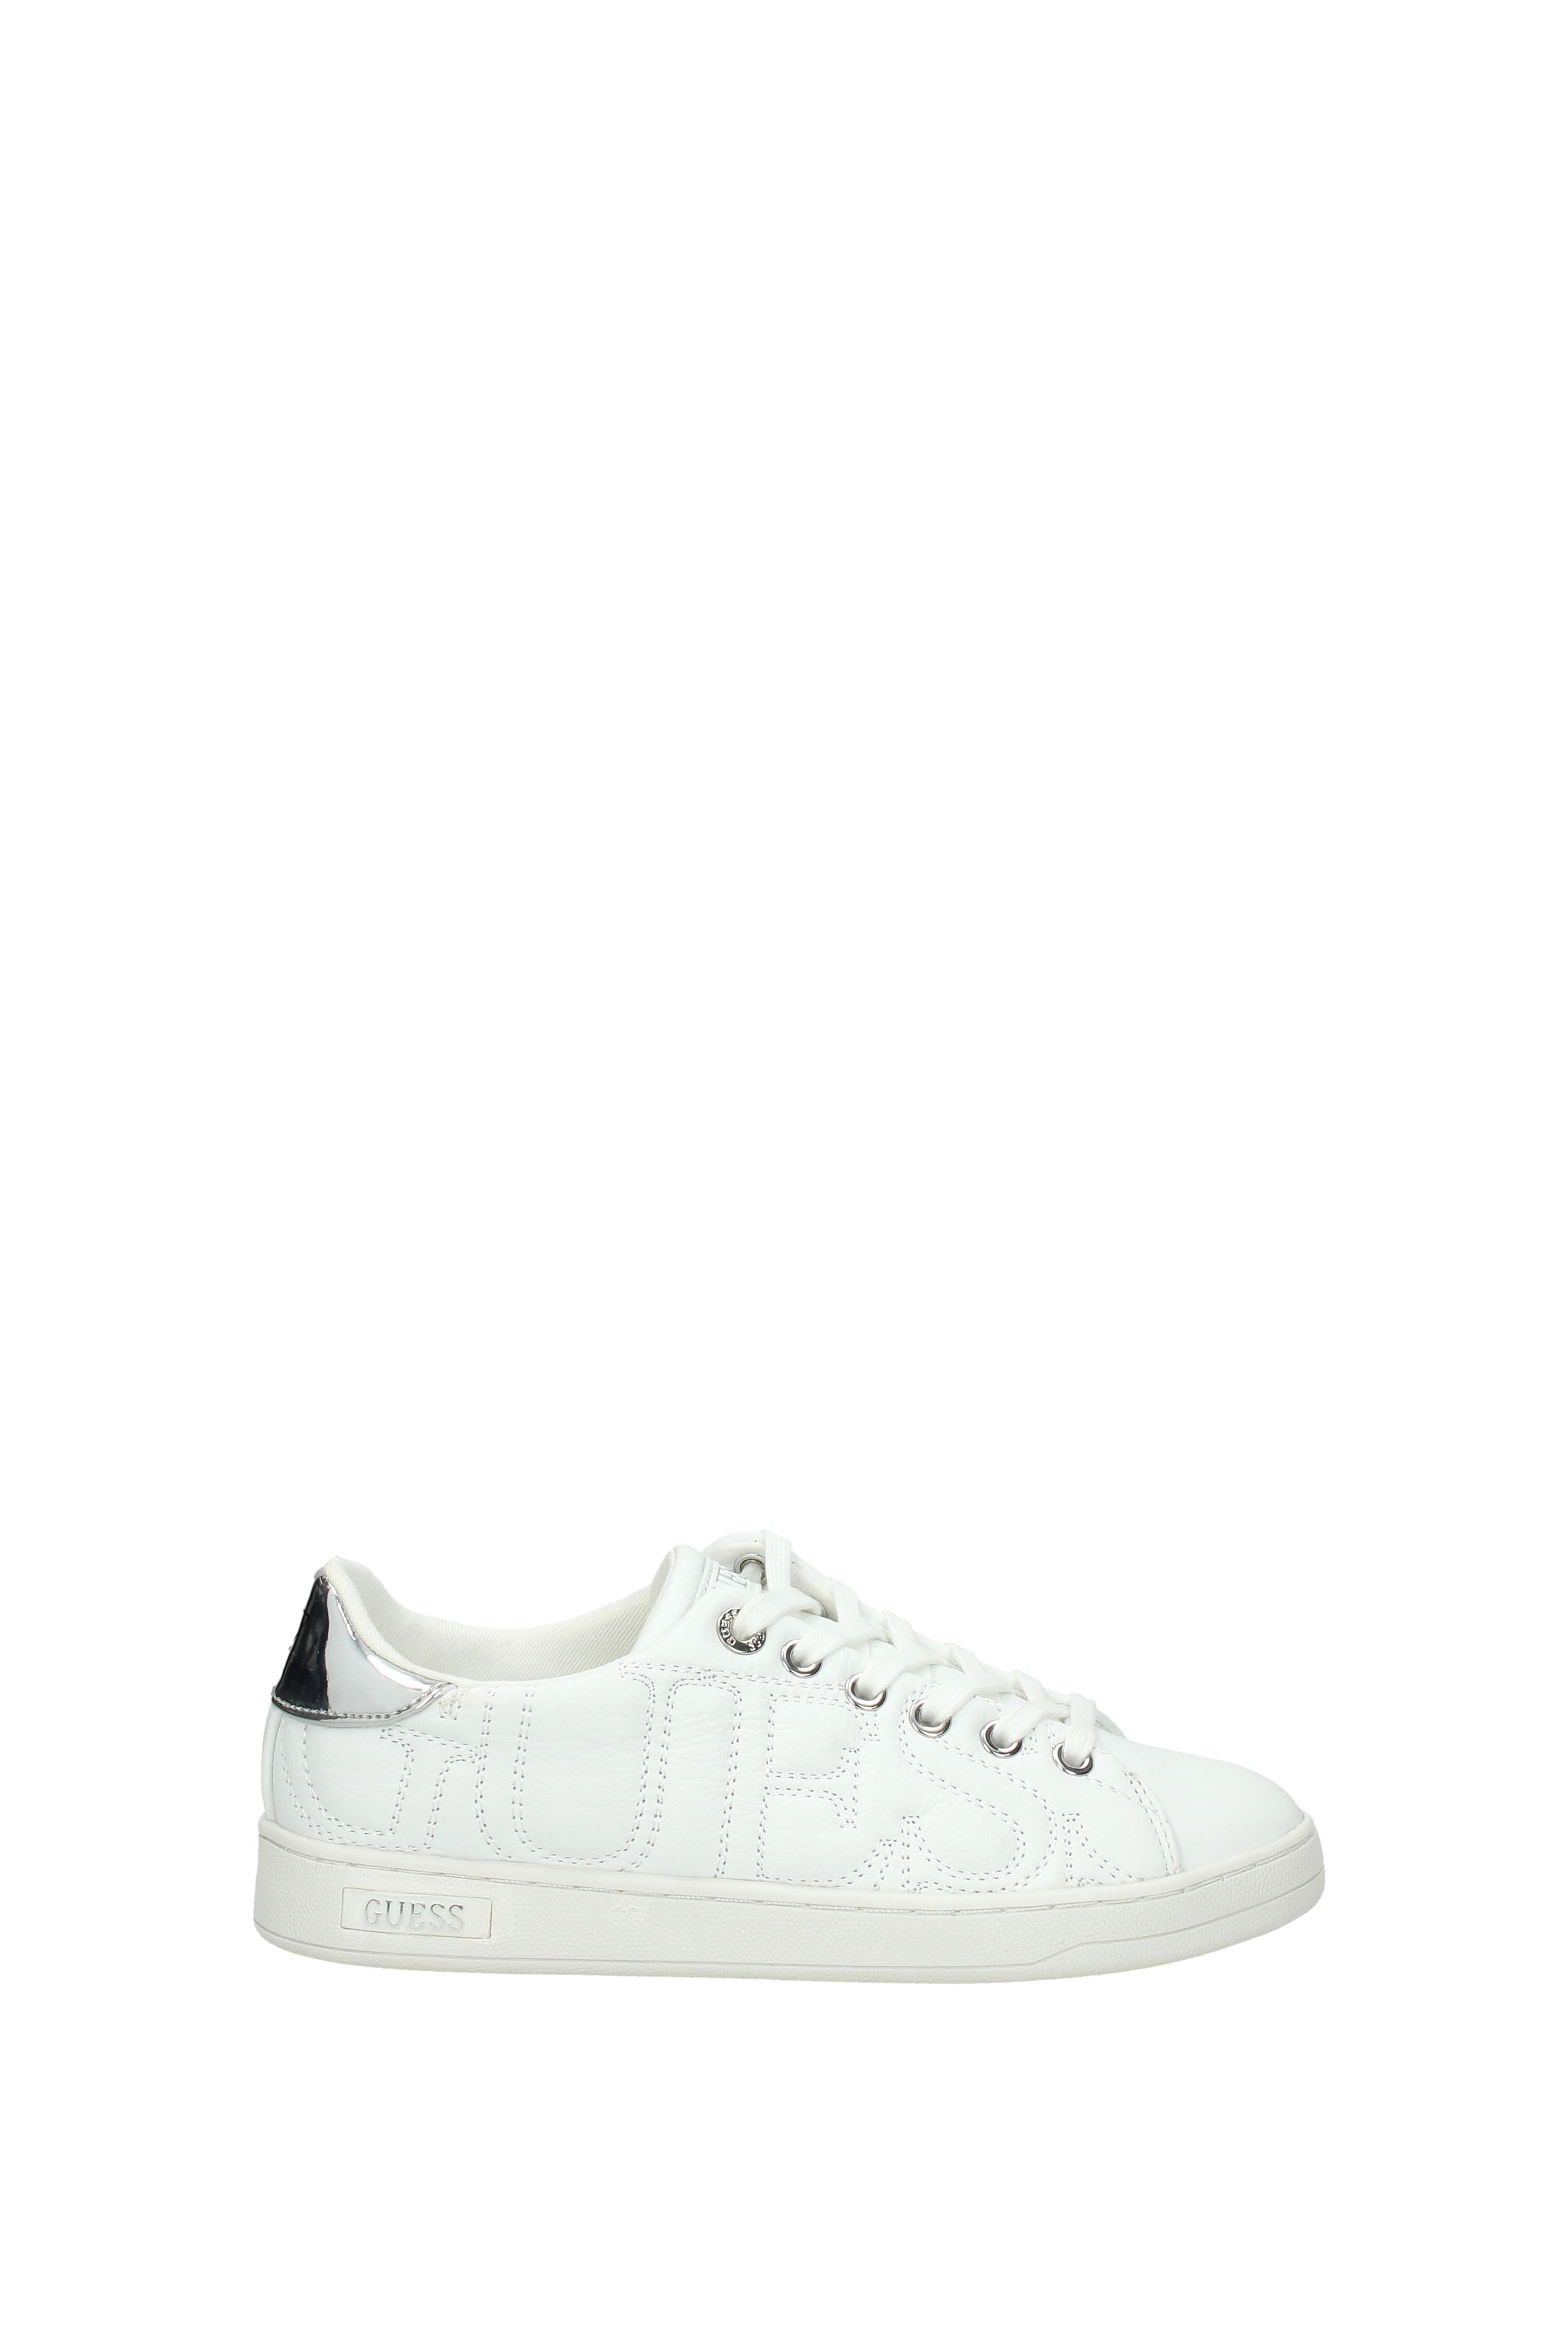 Sneakers Guess (FLCE34LEA12) Damen - Leder (FLCE34LEA12) Guess 5feef3